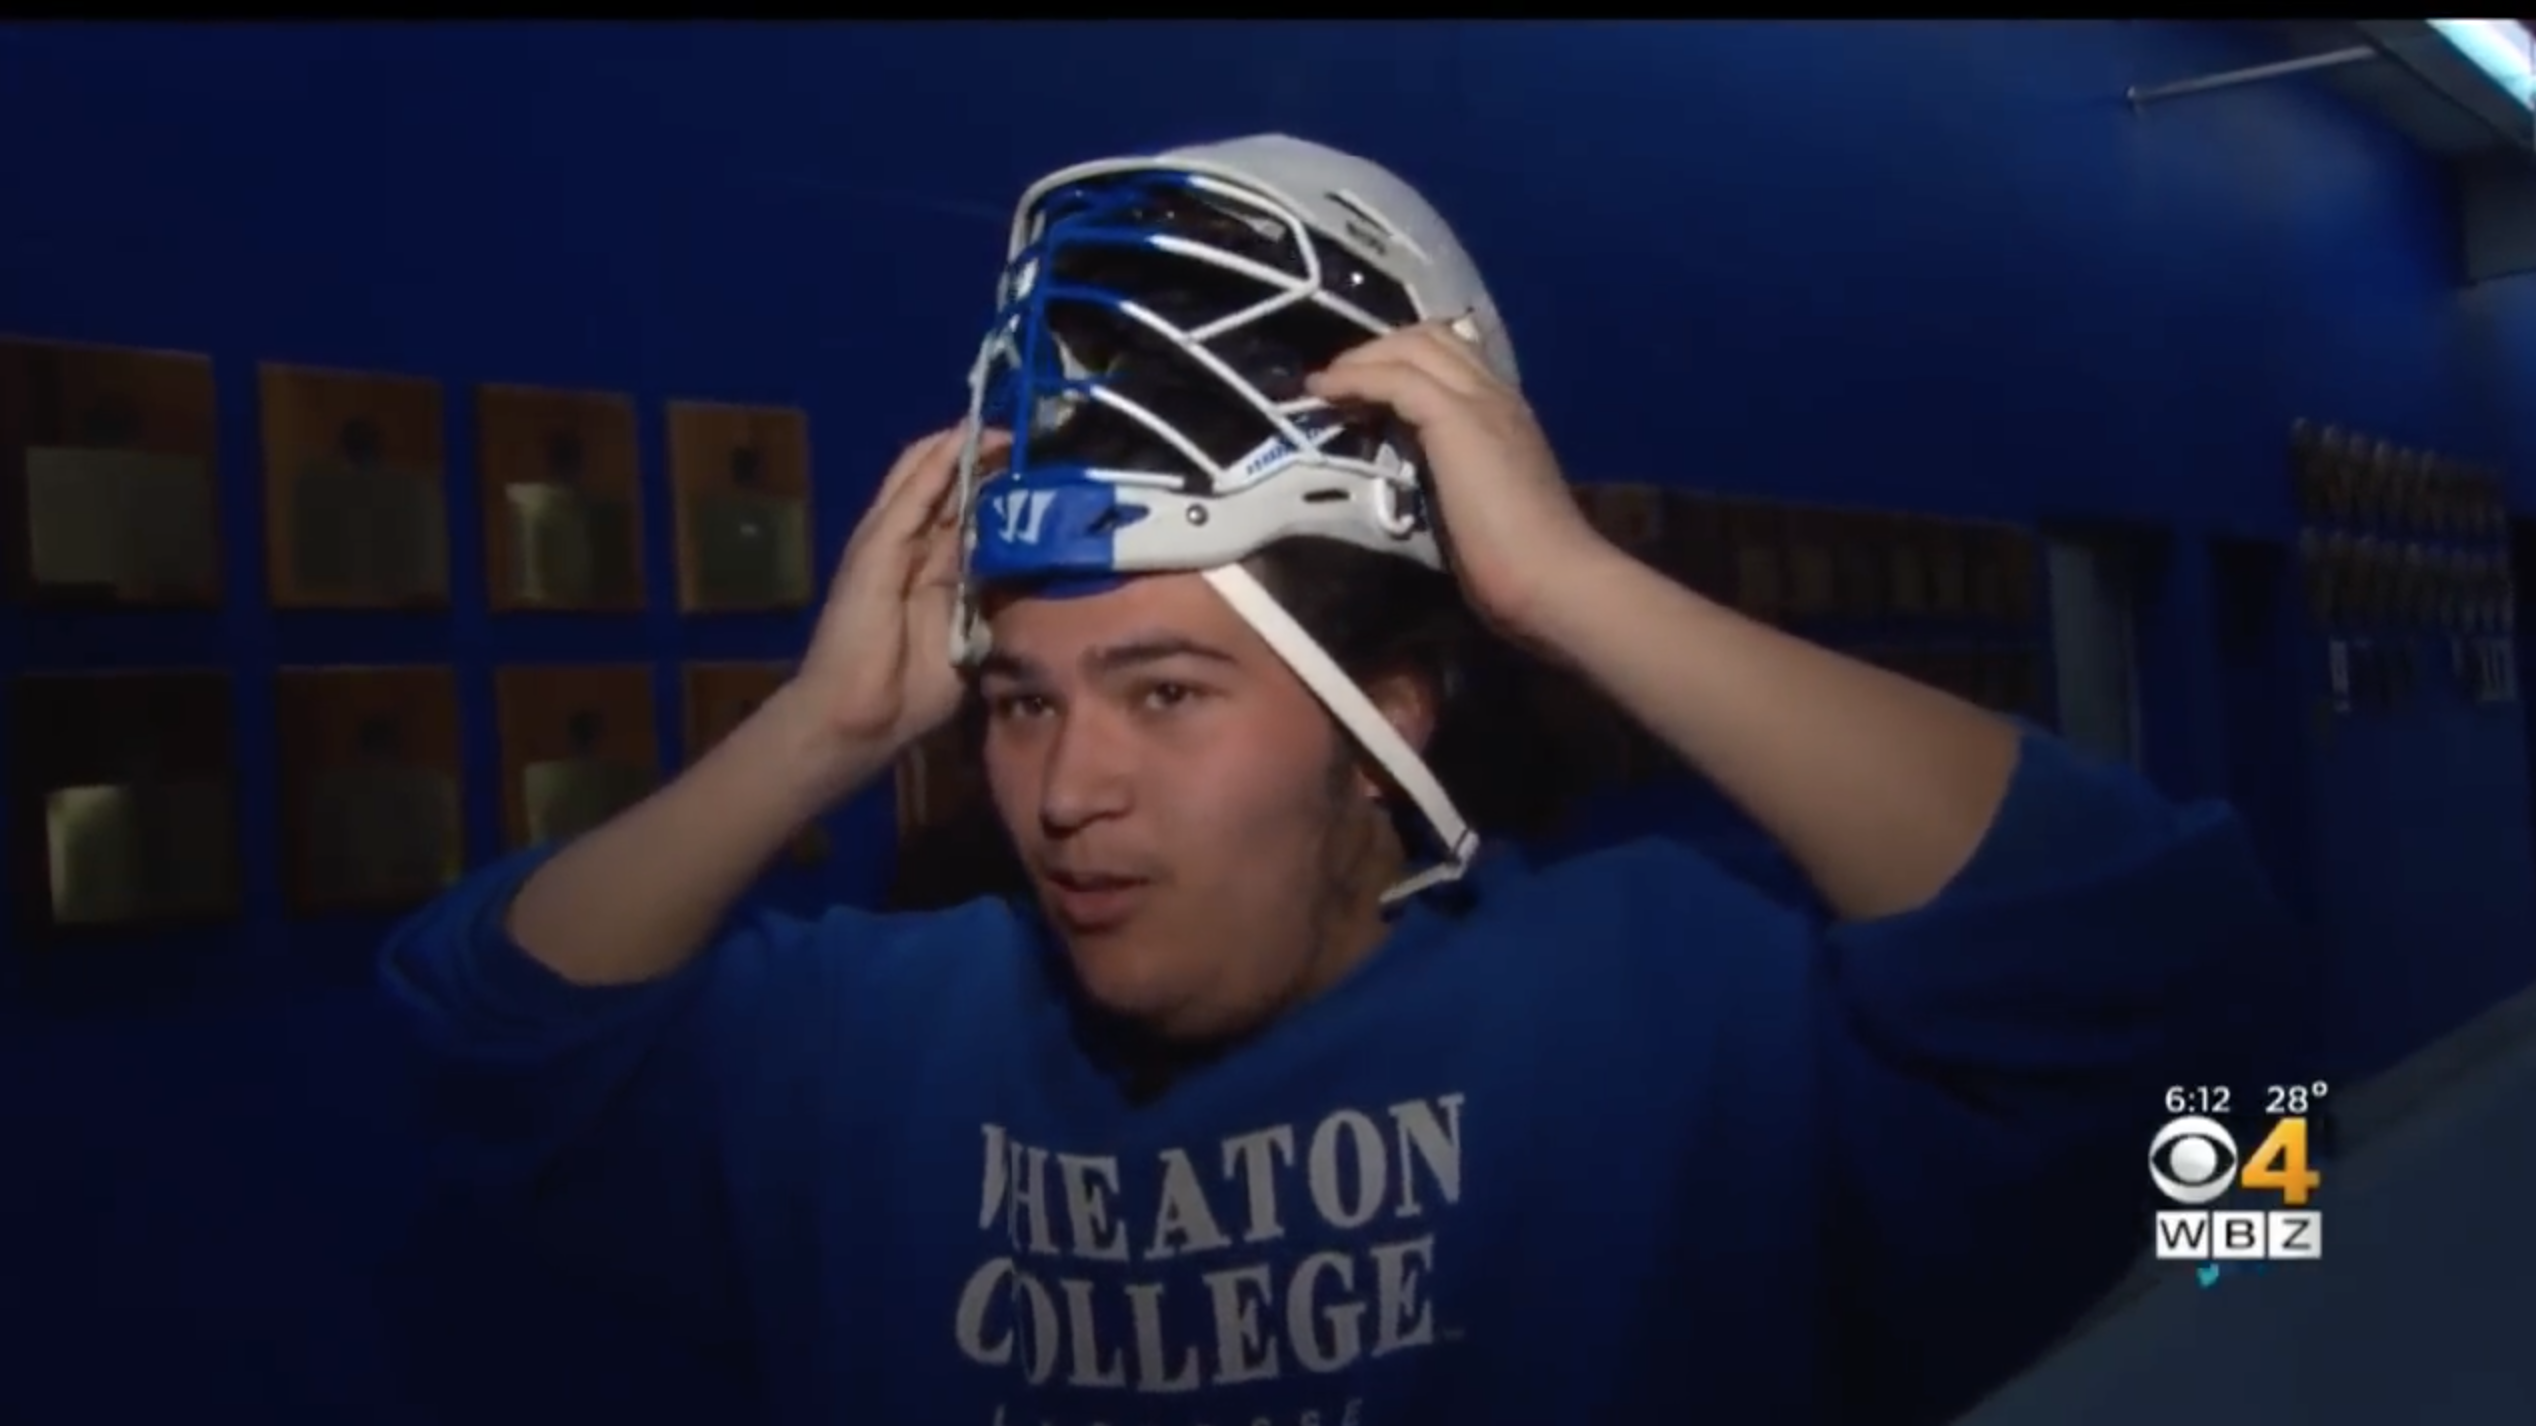 College lacrosse: Wheaton's Alex Chu needs custom helmet